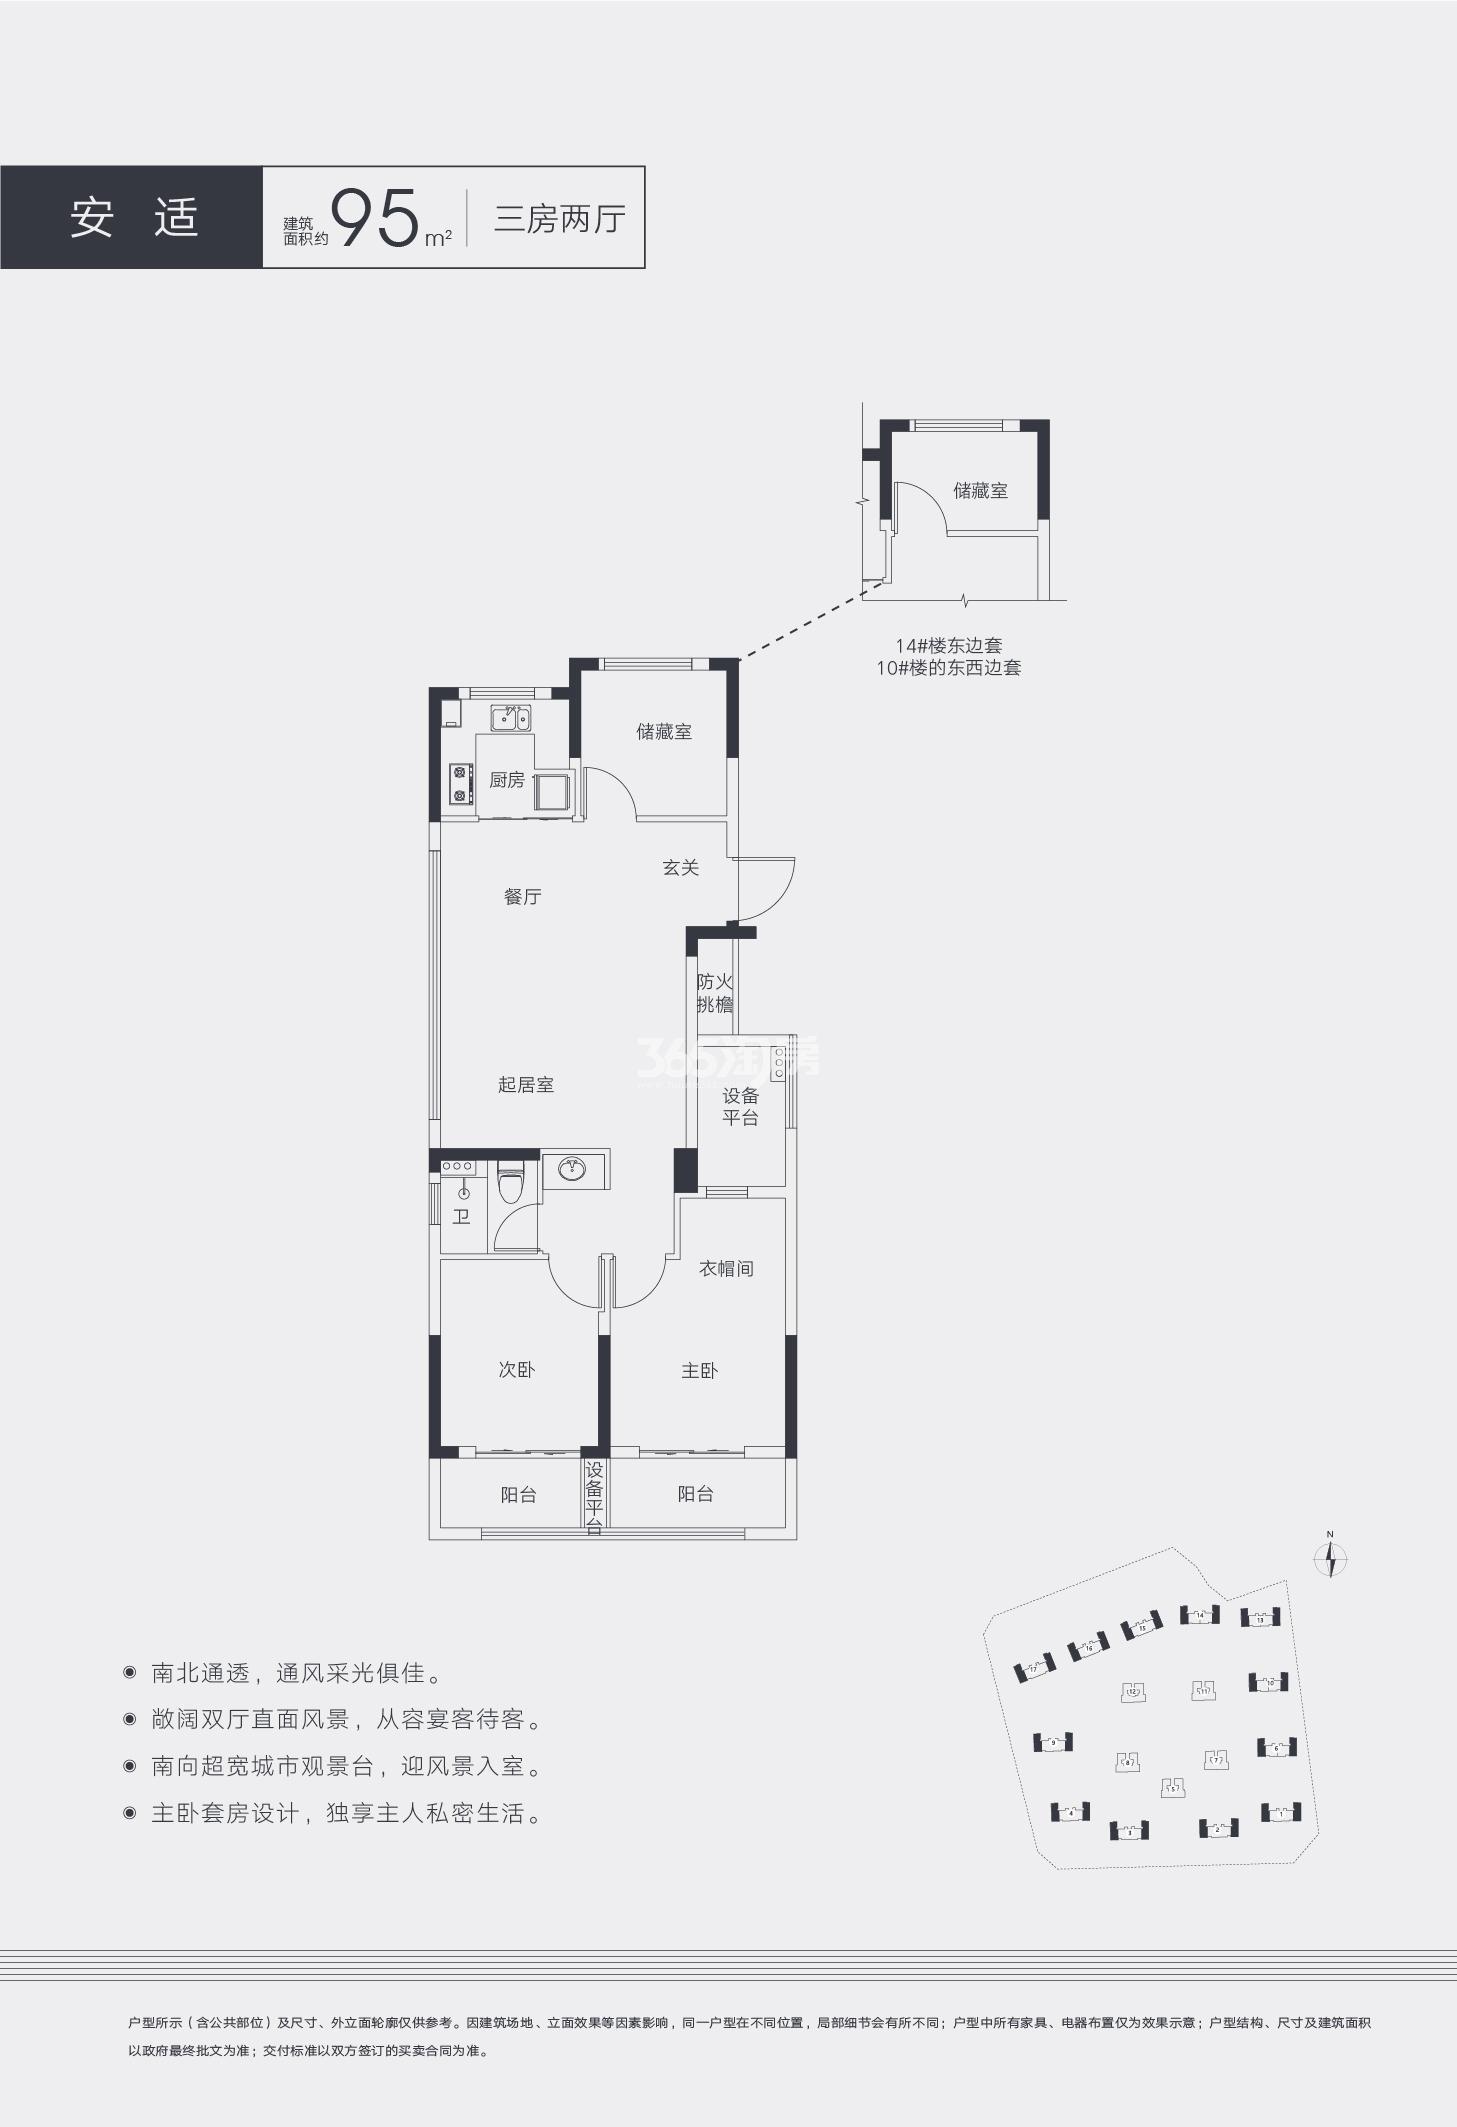 新视界公寓户型图